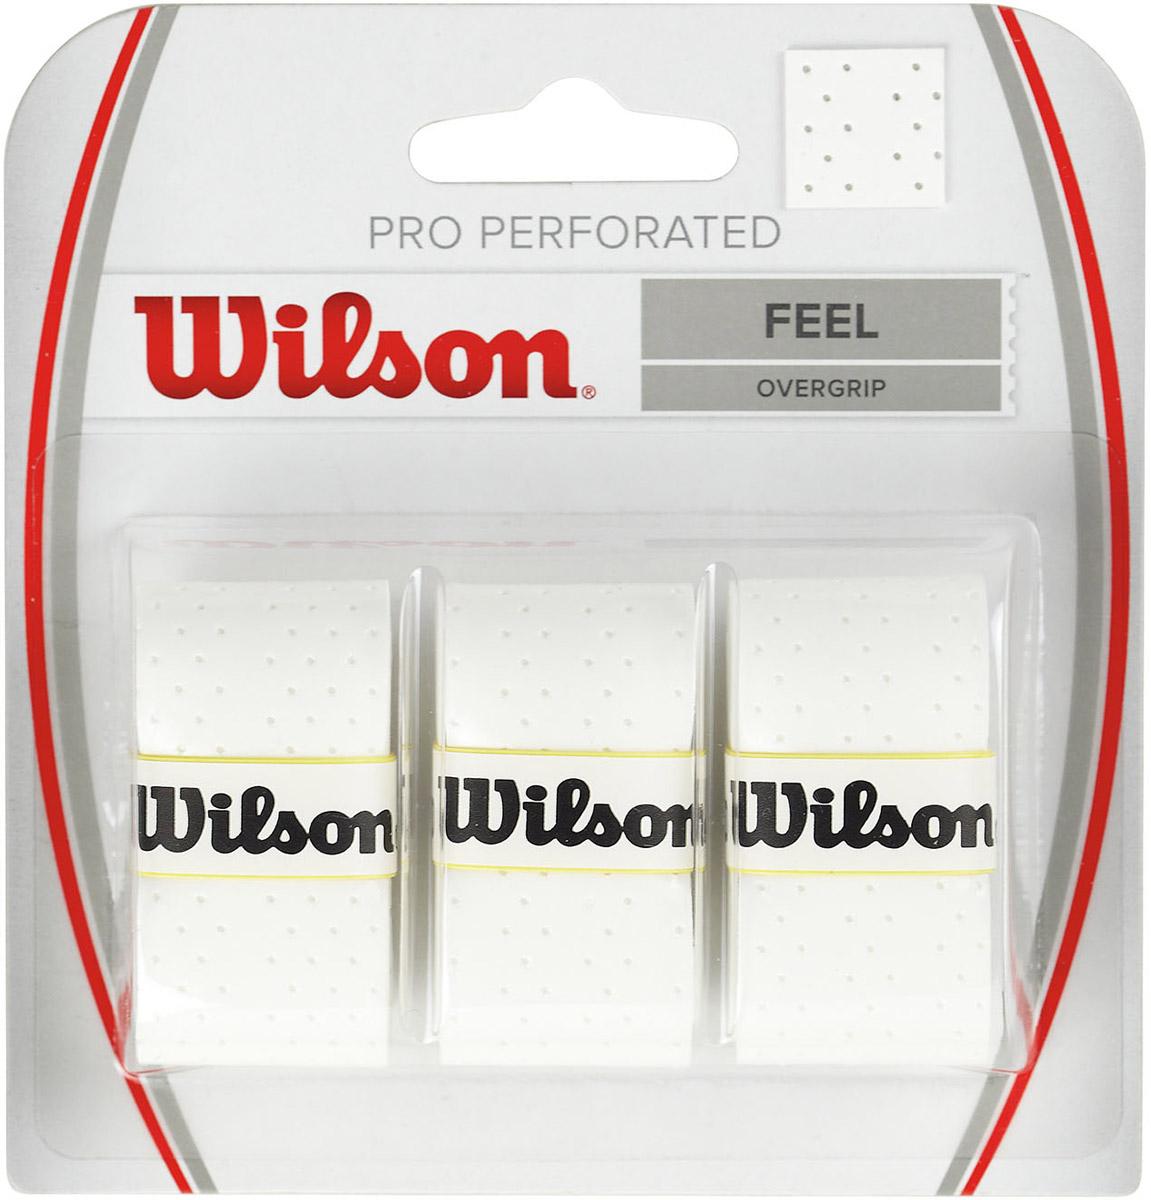 Намотка Wilson Pro Perforated, цвет: белый, 3 штWRZ4005WHНамотка Wilson Pro Perforated - это самый популярный продукт на теннисном рынке, выбор профессионалов. Предназначена для намотки рукоятки теннисной ракетки. Перфорация позволяет увеличить максимальное поглощение влаги.